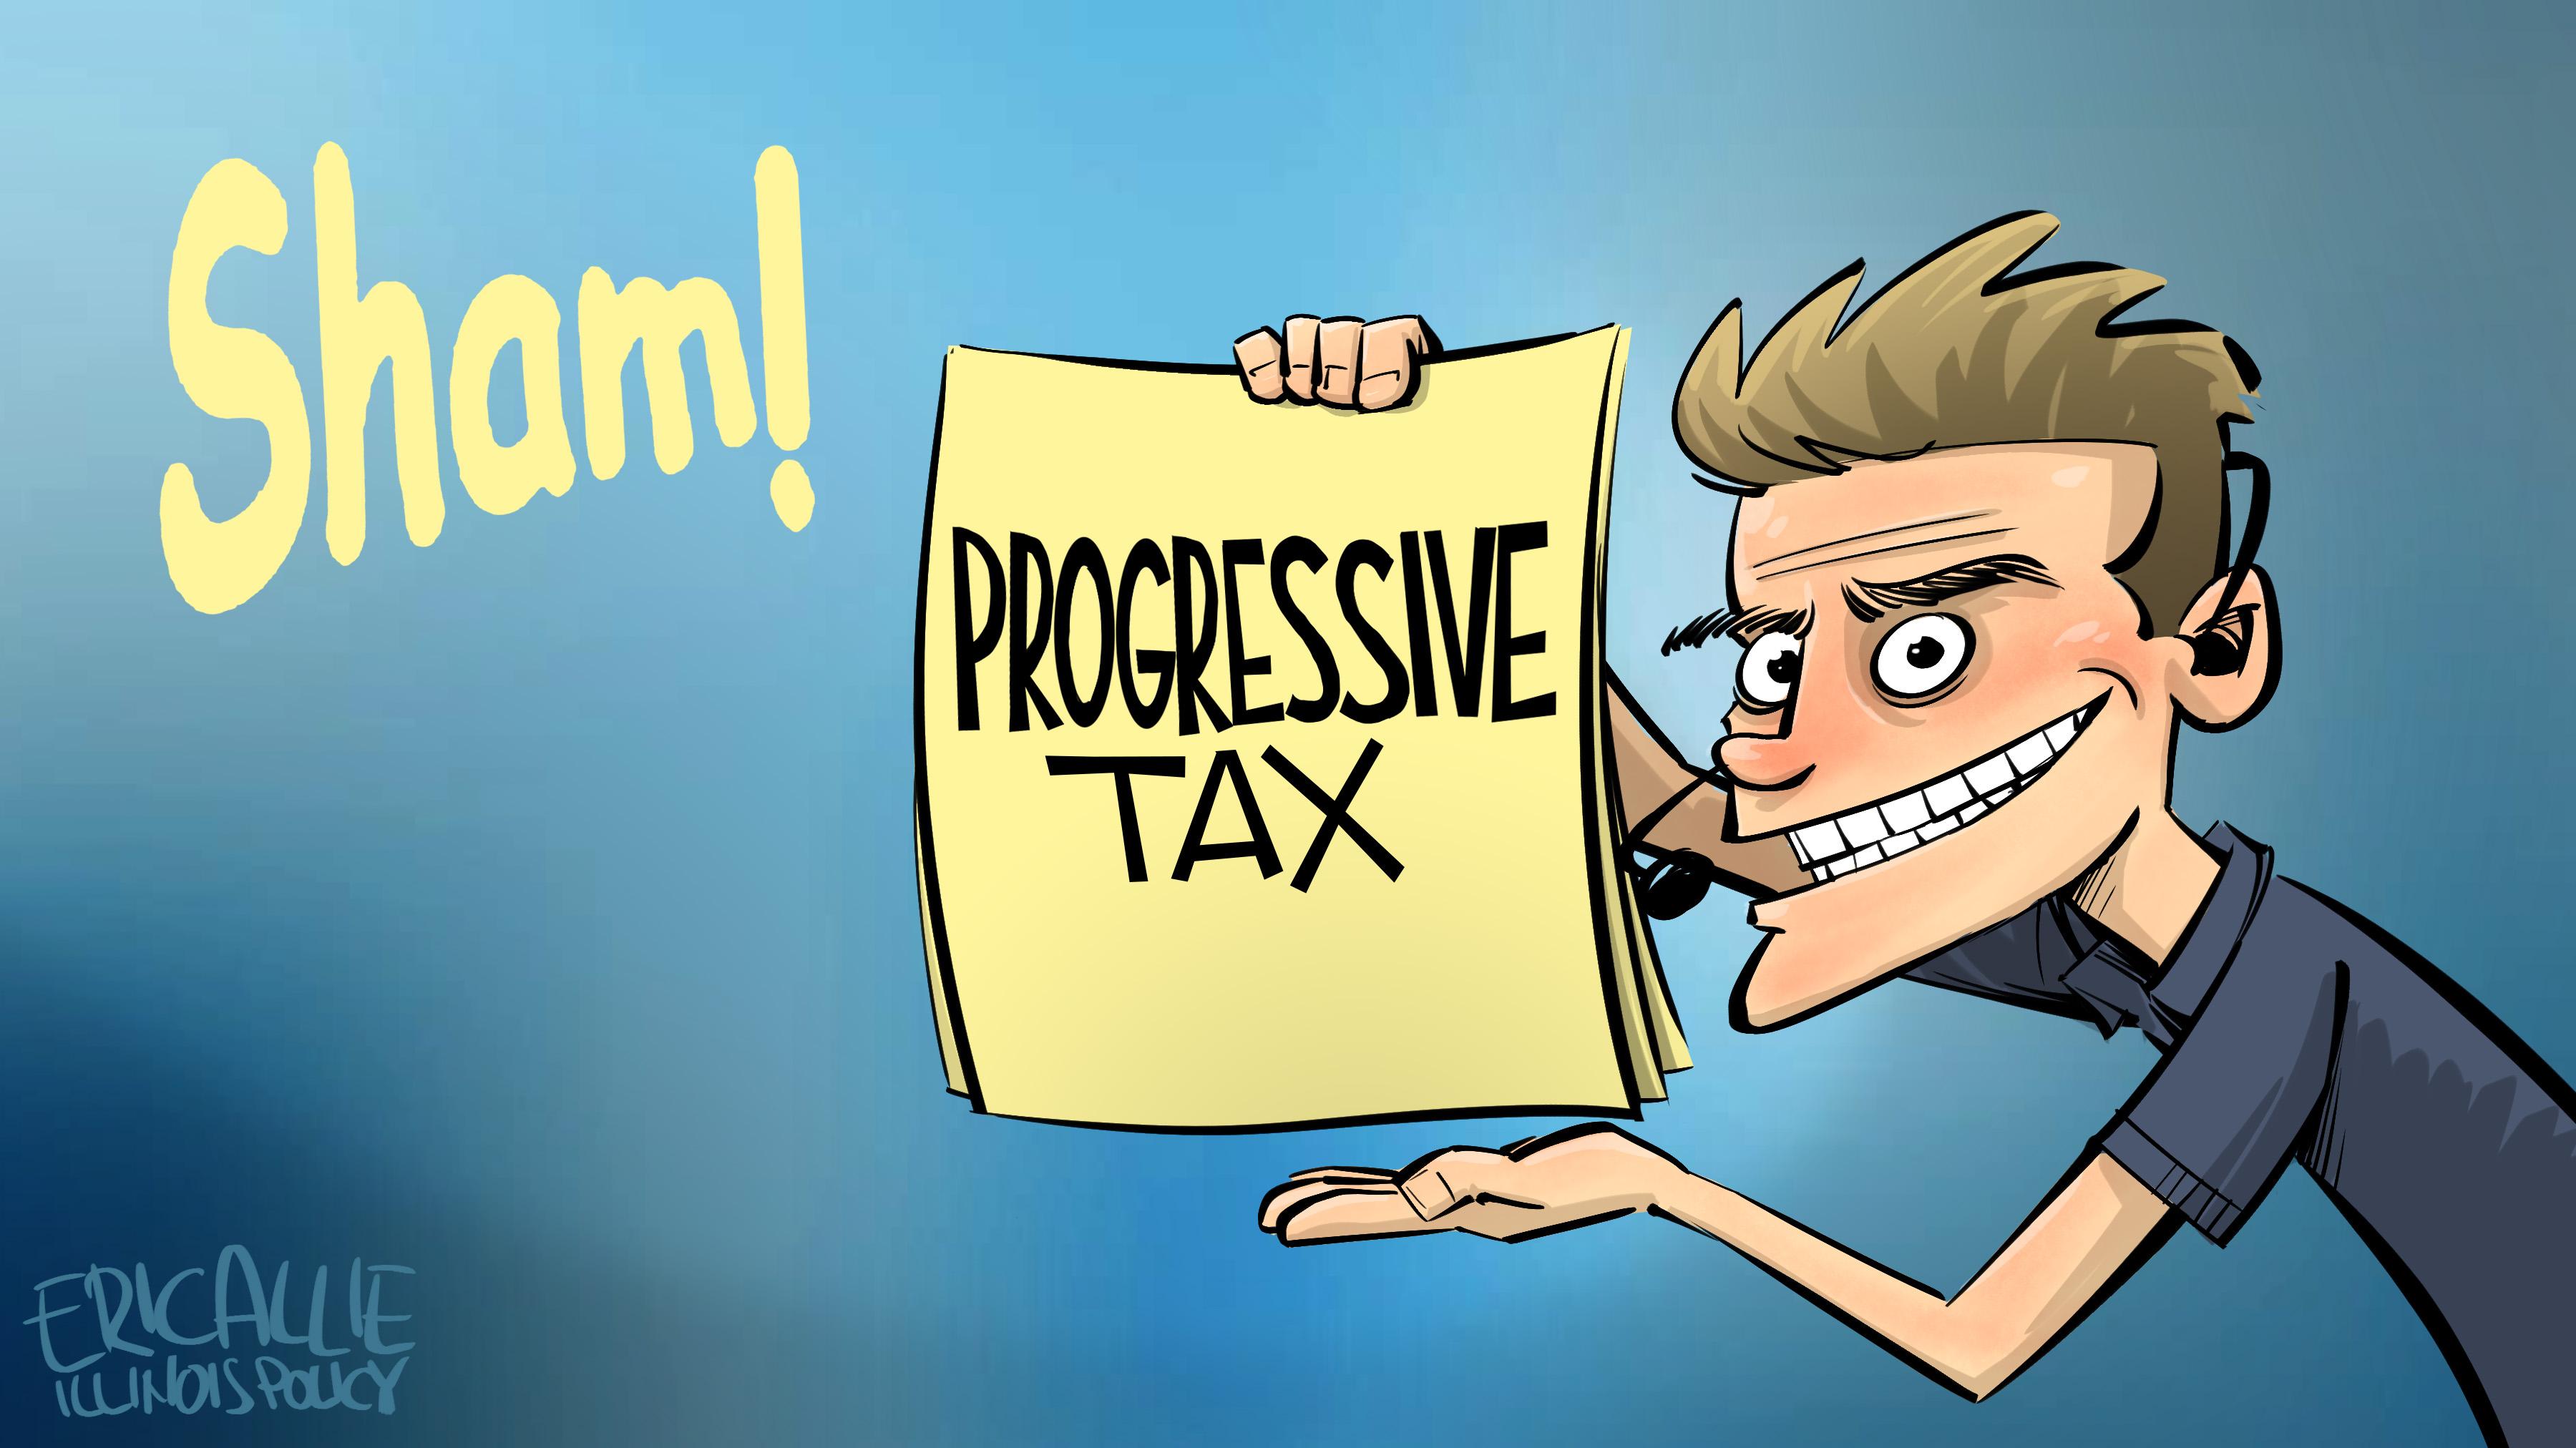 progressive tax sham WOW